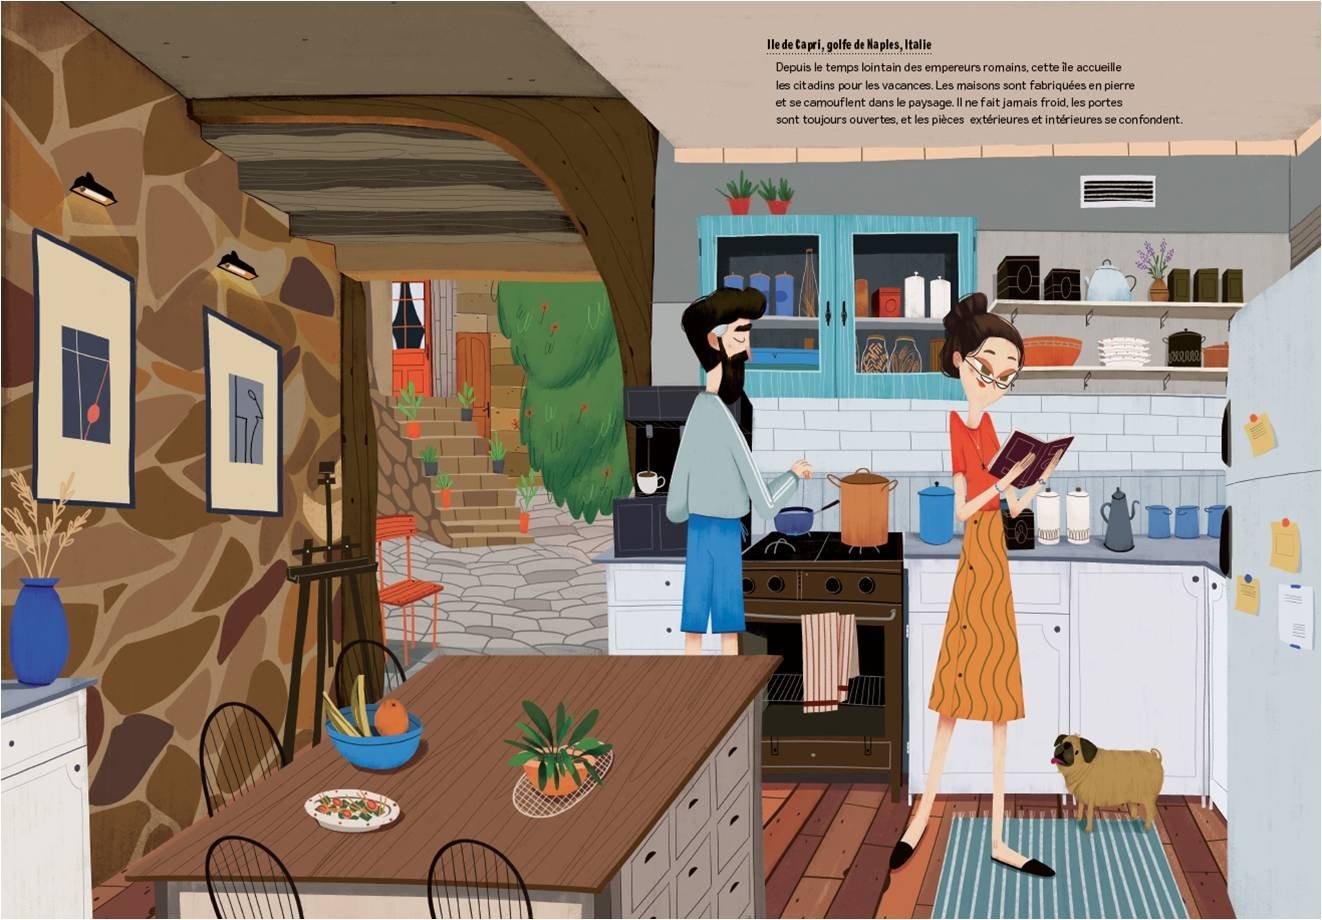 Maisons autour du monde (Album Mosquito!): Amazon.es: Paula Blumen, Mia Cassany: Libros en idiomas extranjeros